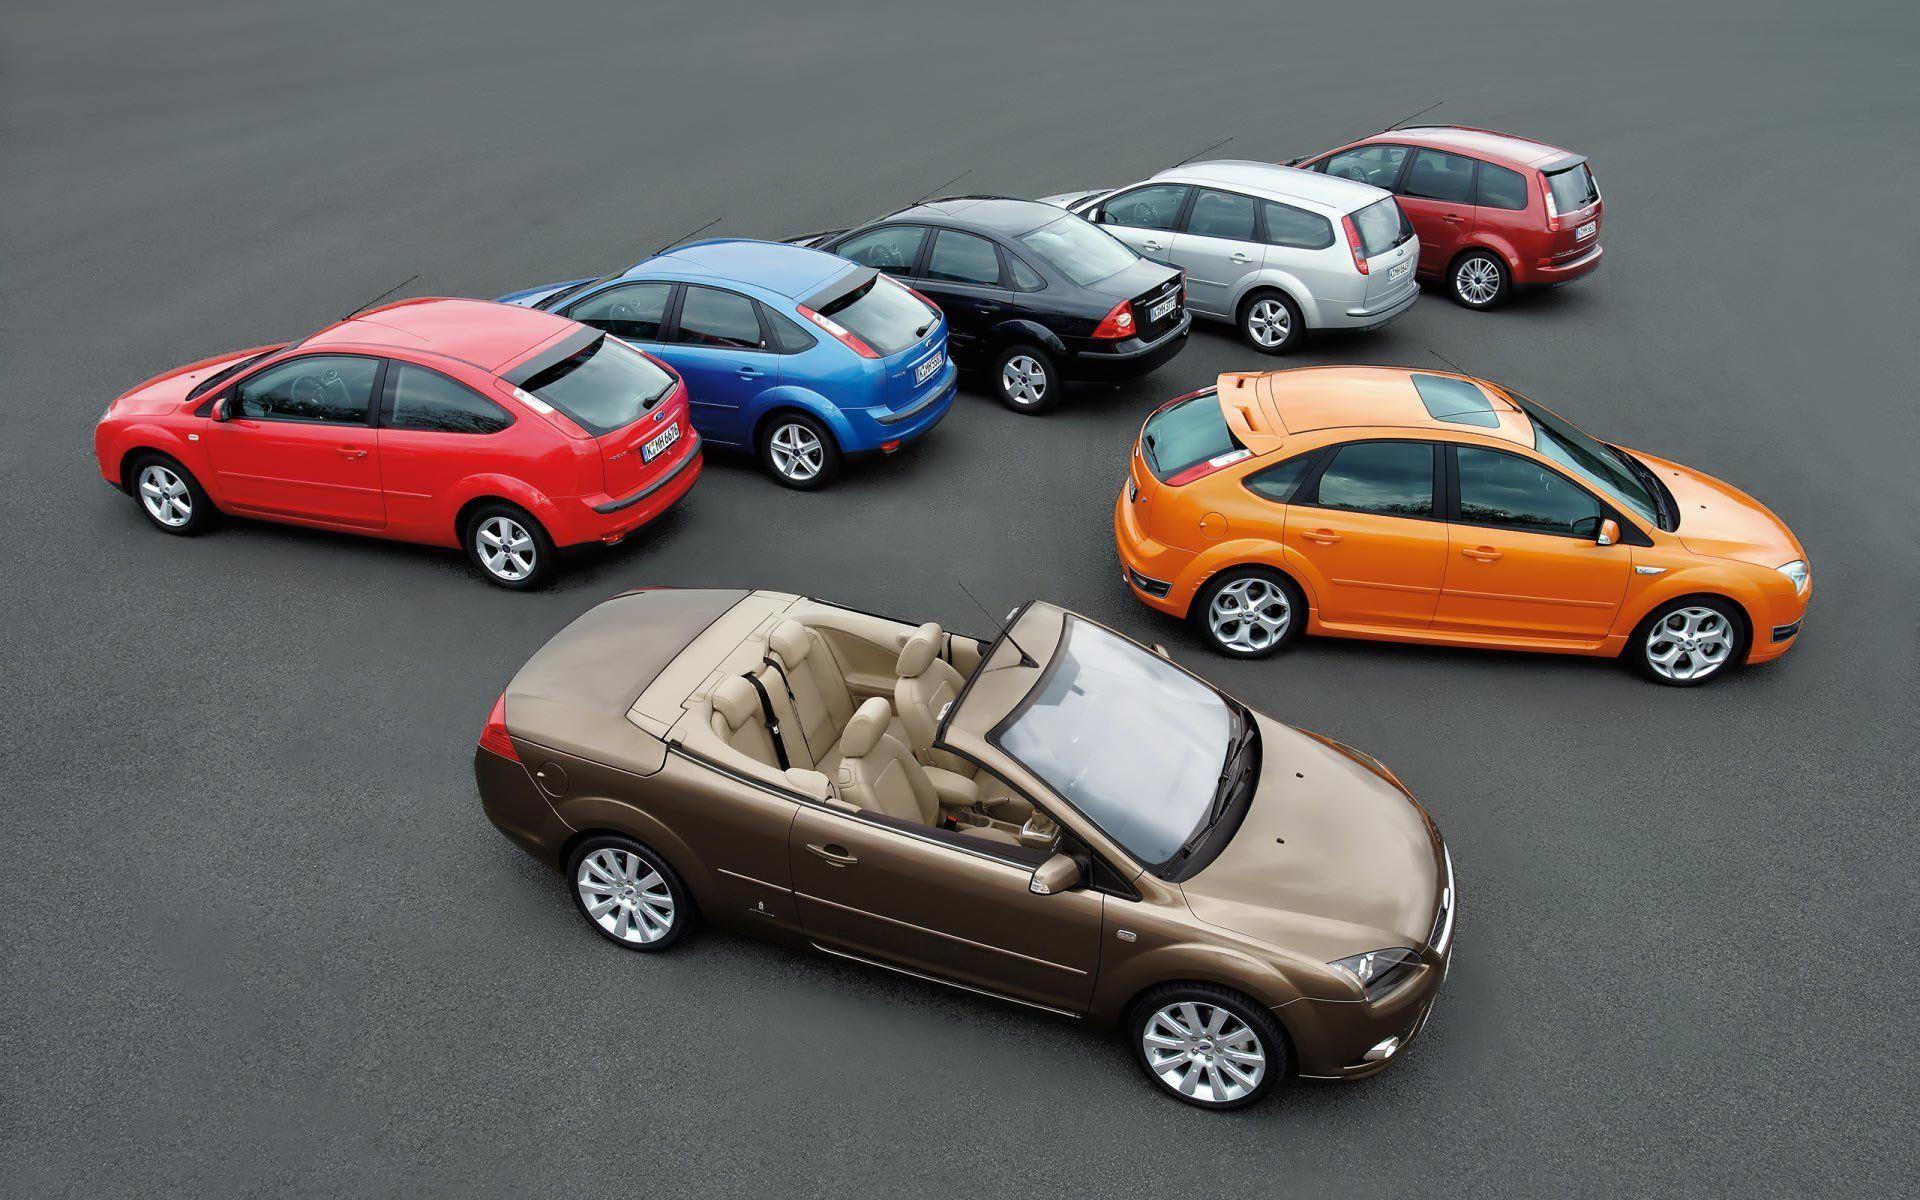 Автомобили Ford: модельный ряд, цены. Купить новое авто ...